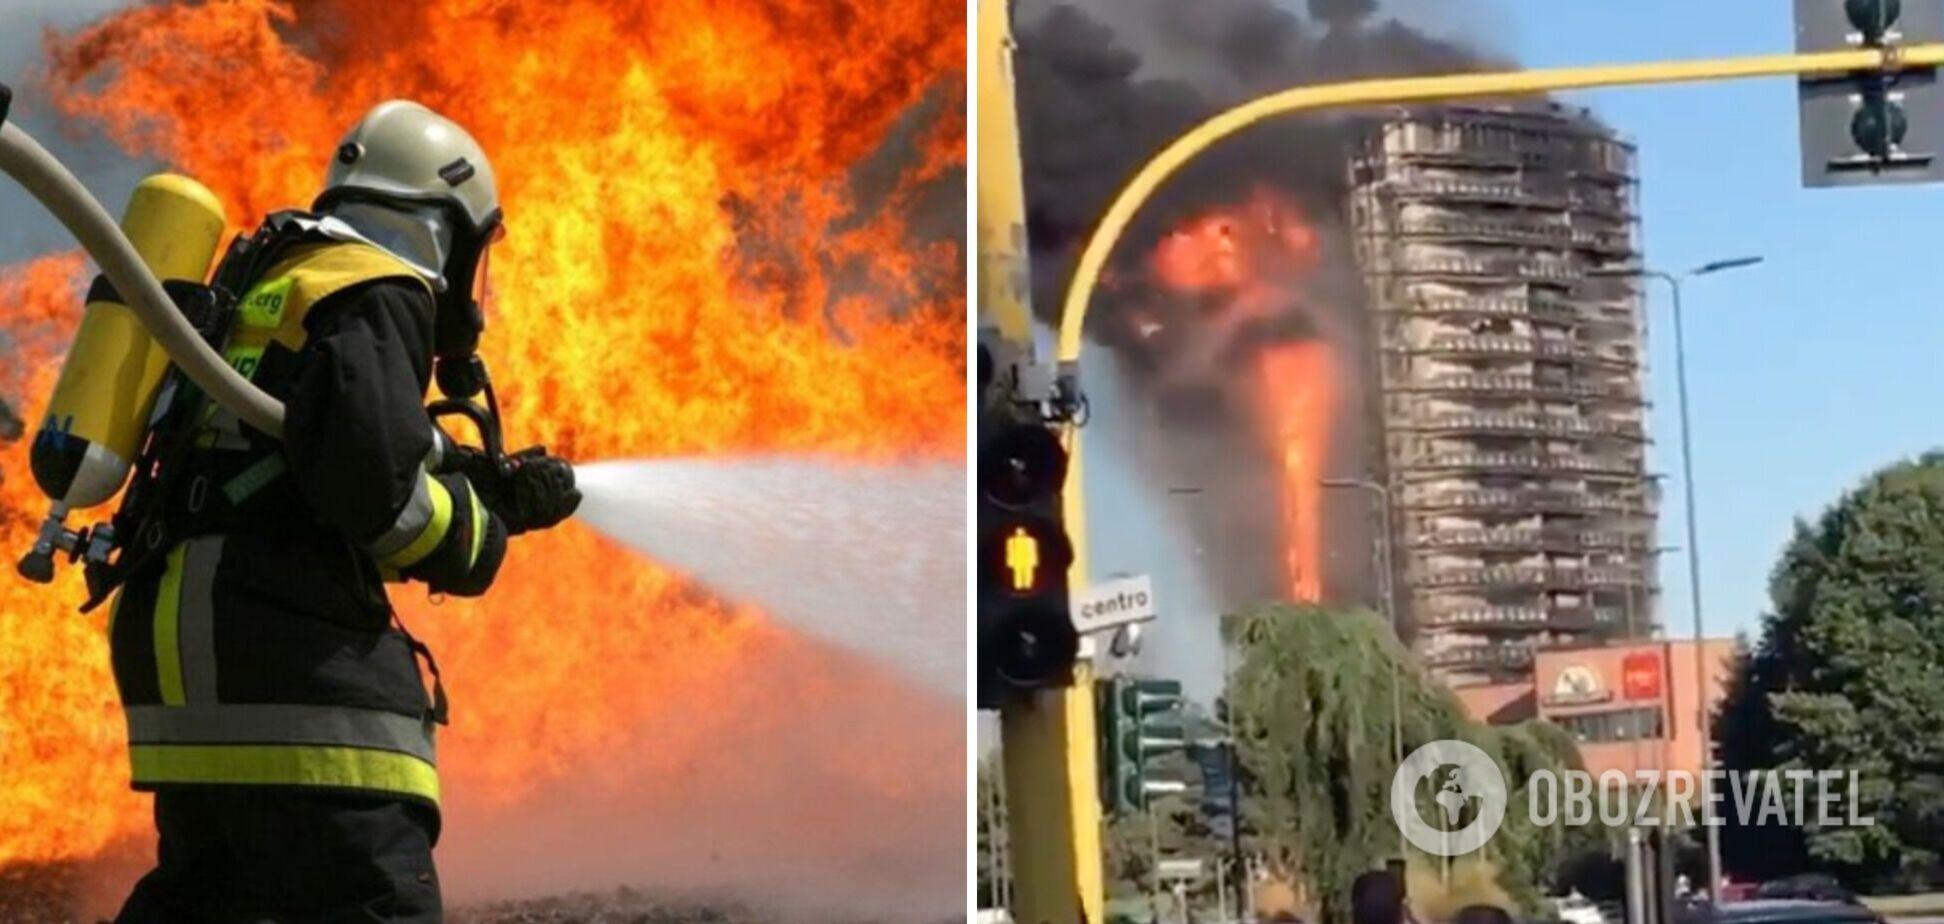 У Мілані спалахнула багатоповерхівка, евакуюють десятки людей